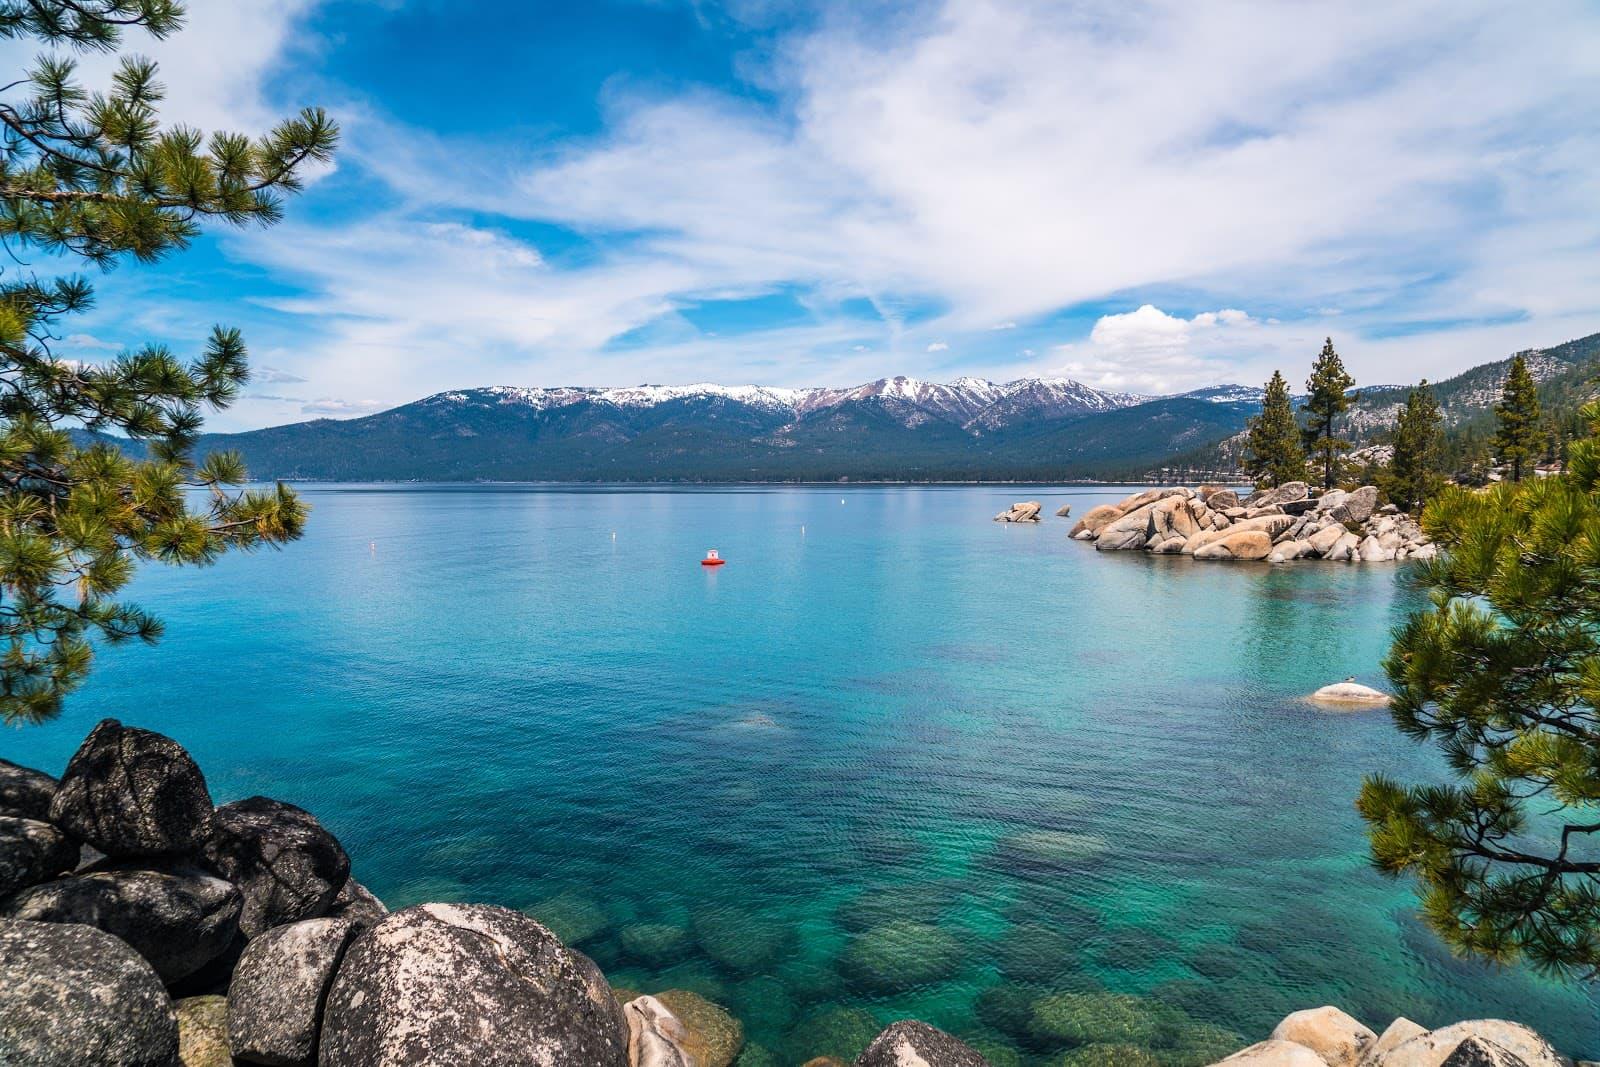 Lake Tahoe SUP